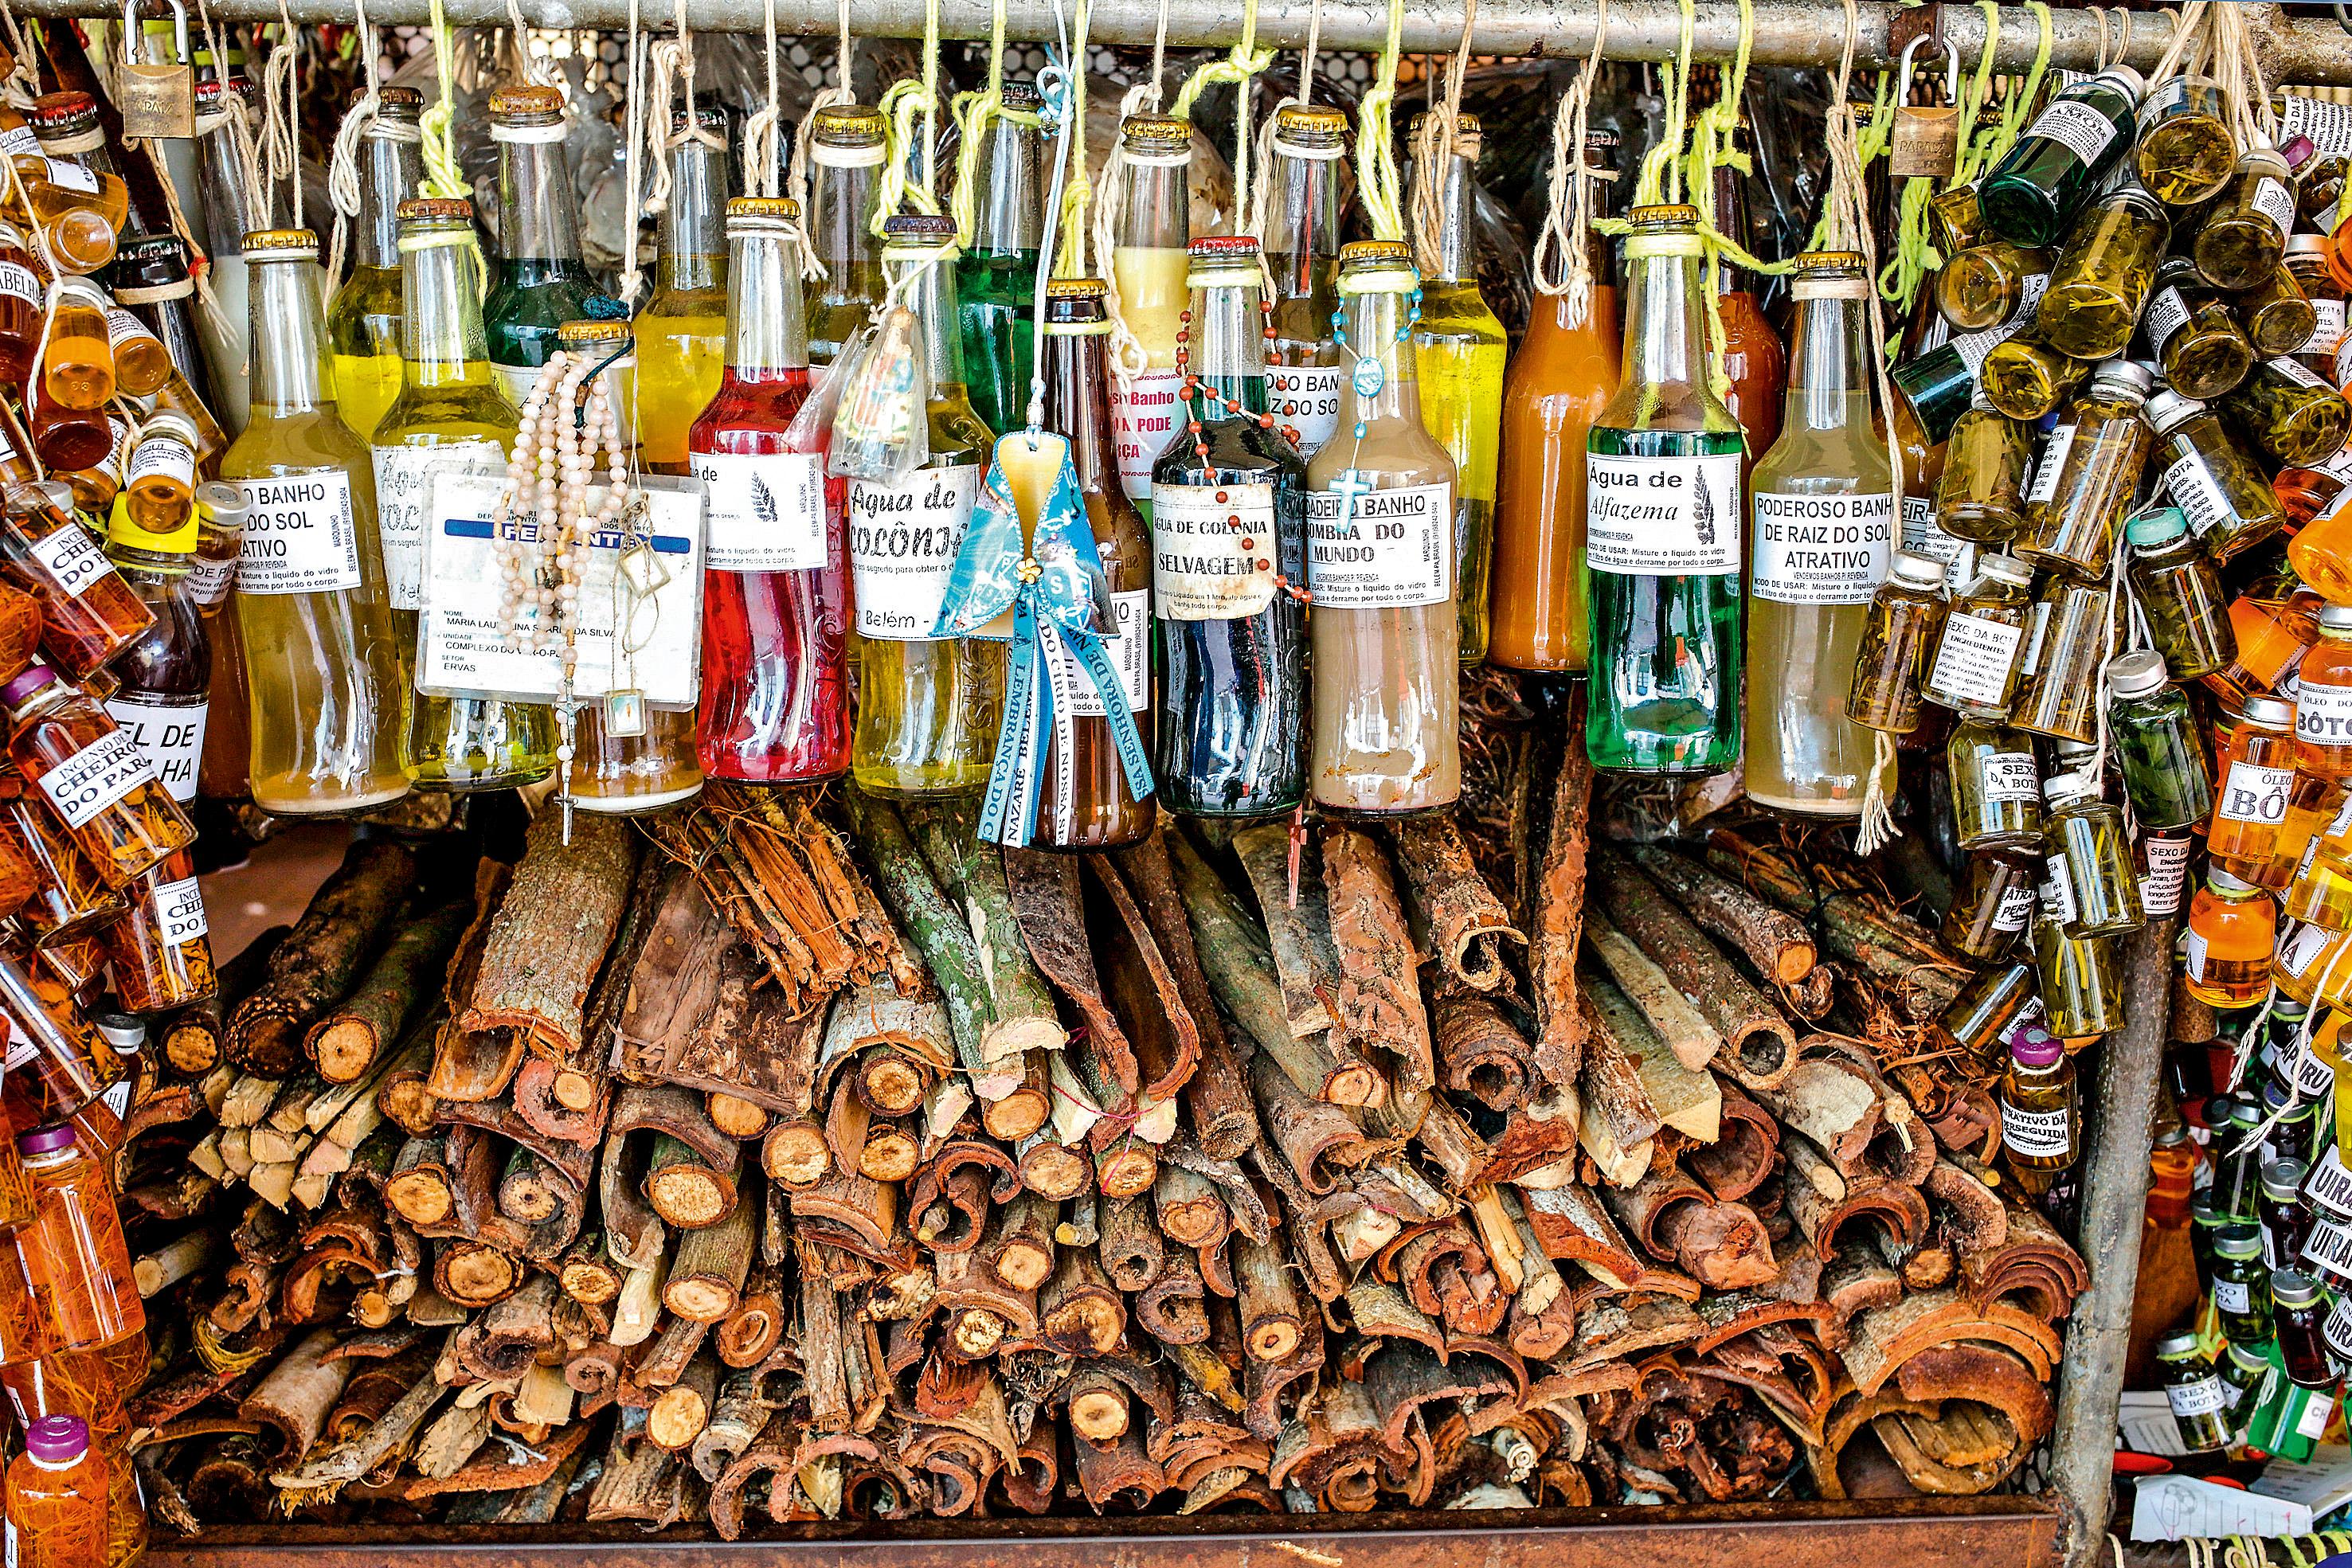 Garrafas de vidro penduradas por cordas amarradas ao pescoço vendem diversos tipos de líquidos. dos lados, garrafinhas também estão à venda, penduradas ao longo estande, e embaixo há uma pilha de cascas de árvore